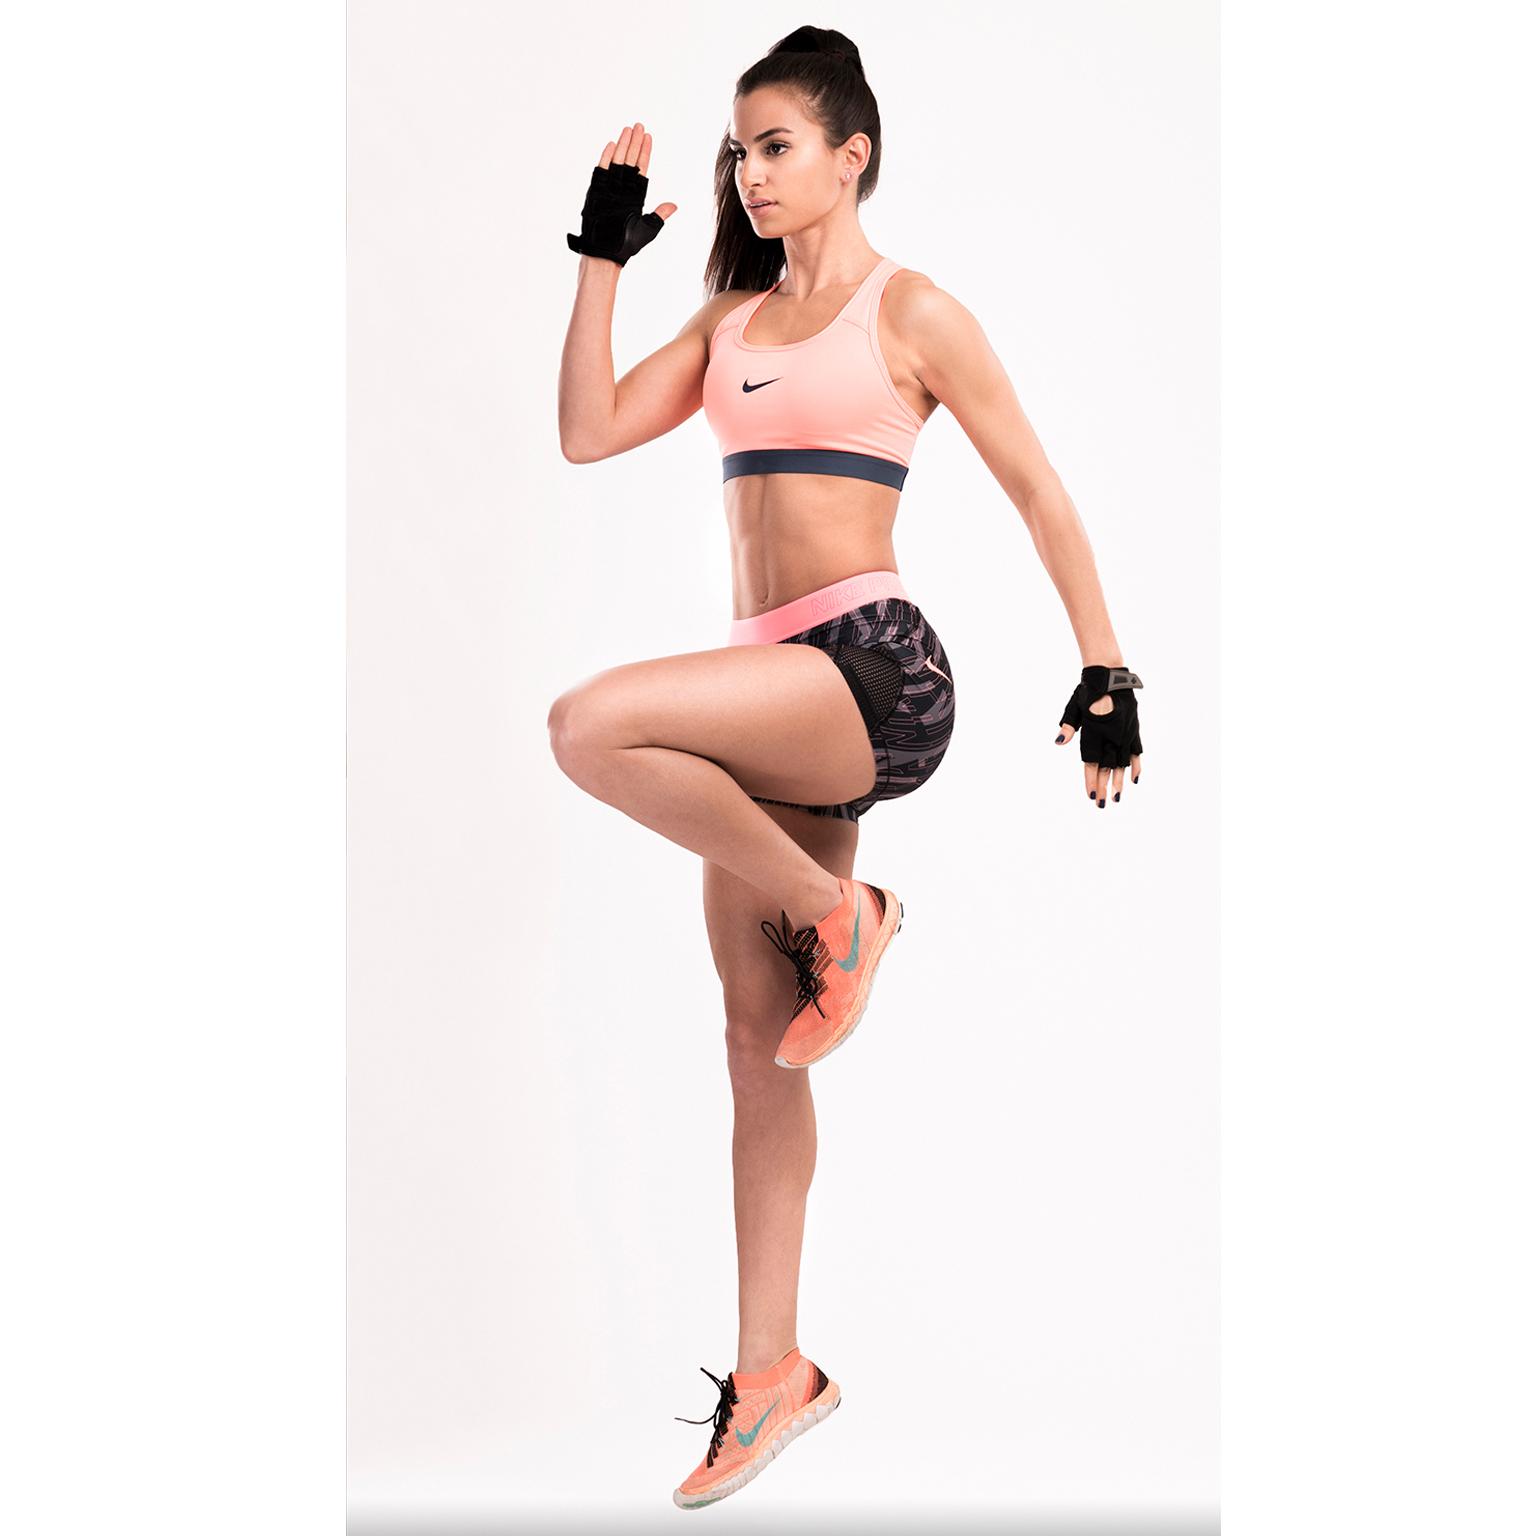 Toronto-Fitness-Model-Agency-Fitness-Commercial-Portrait-Elizabeth-Ruffolo